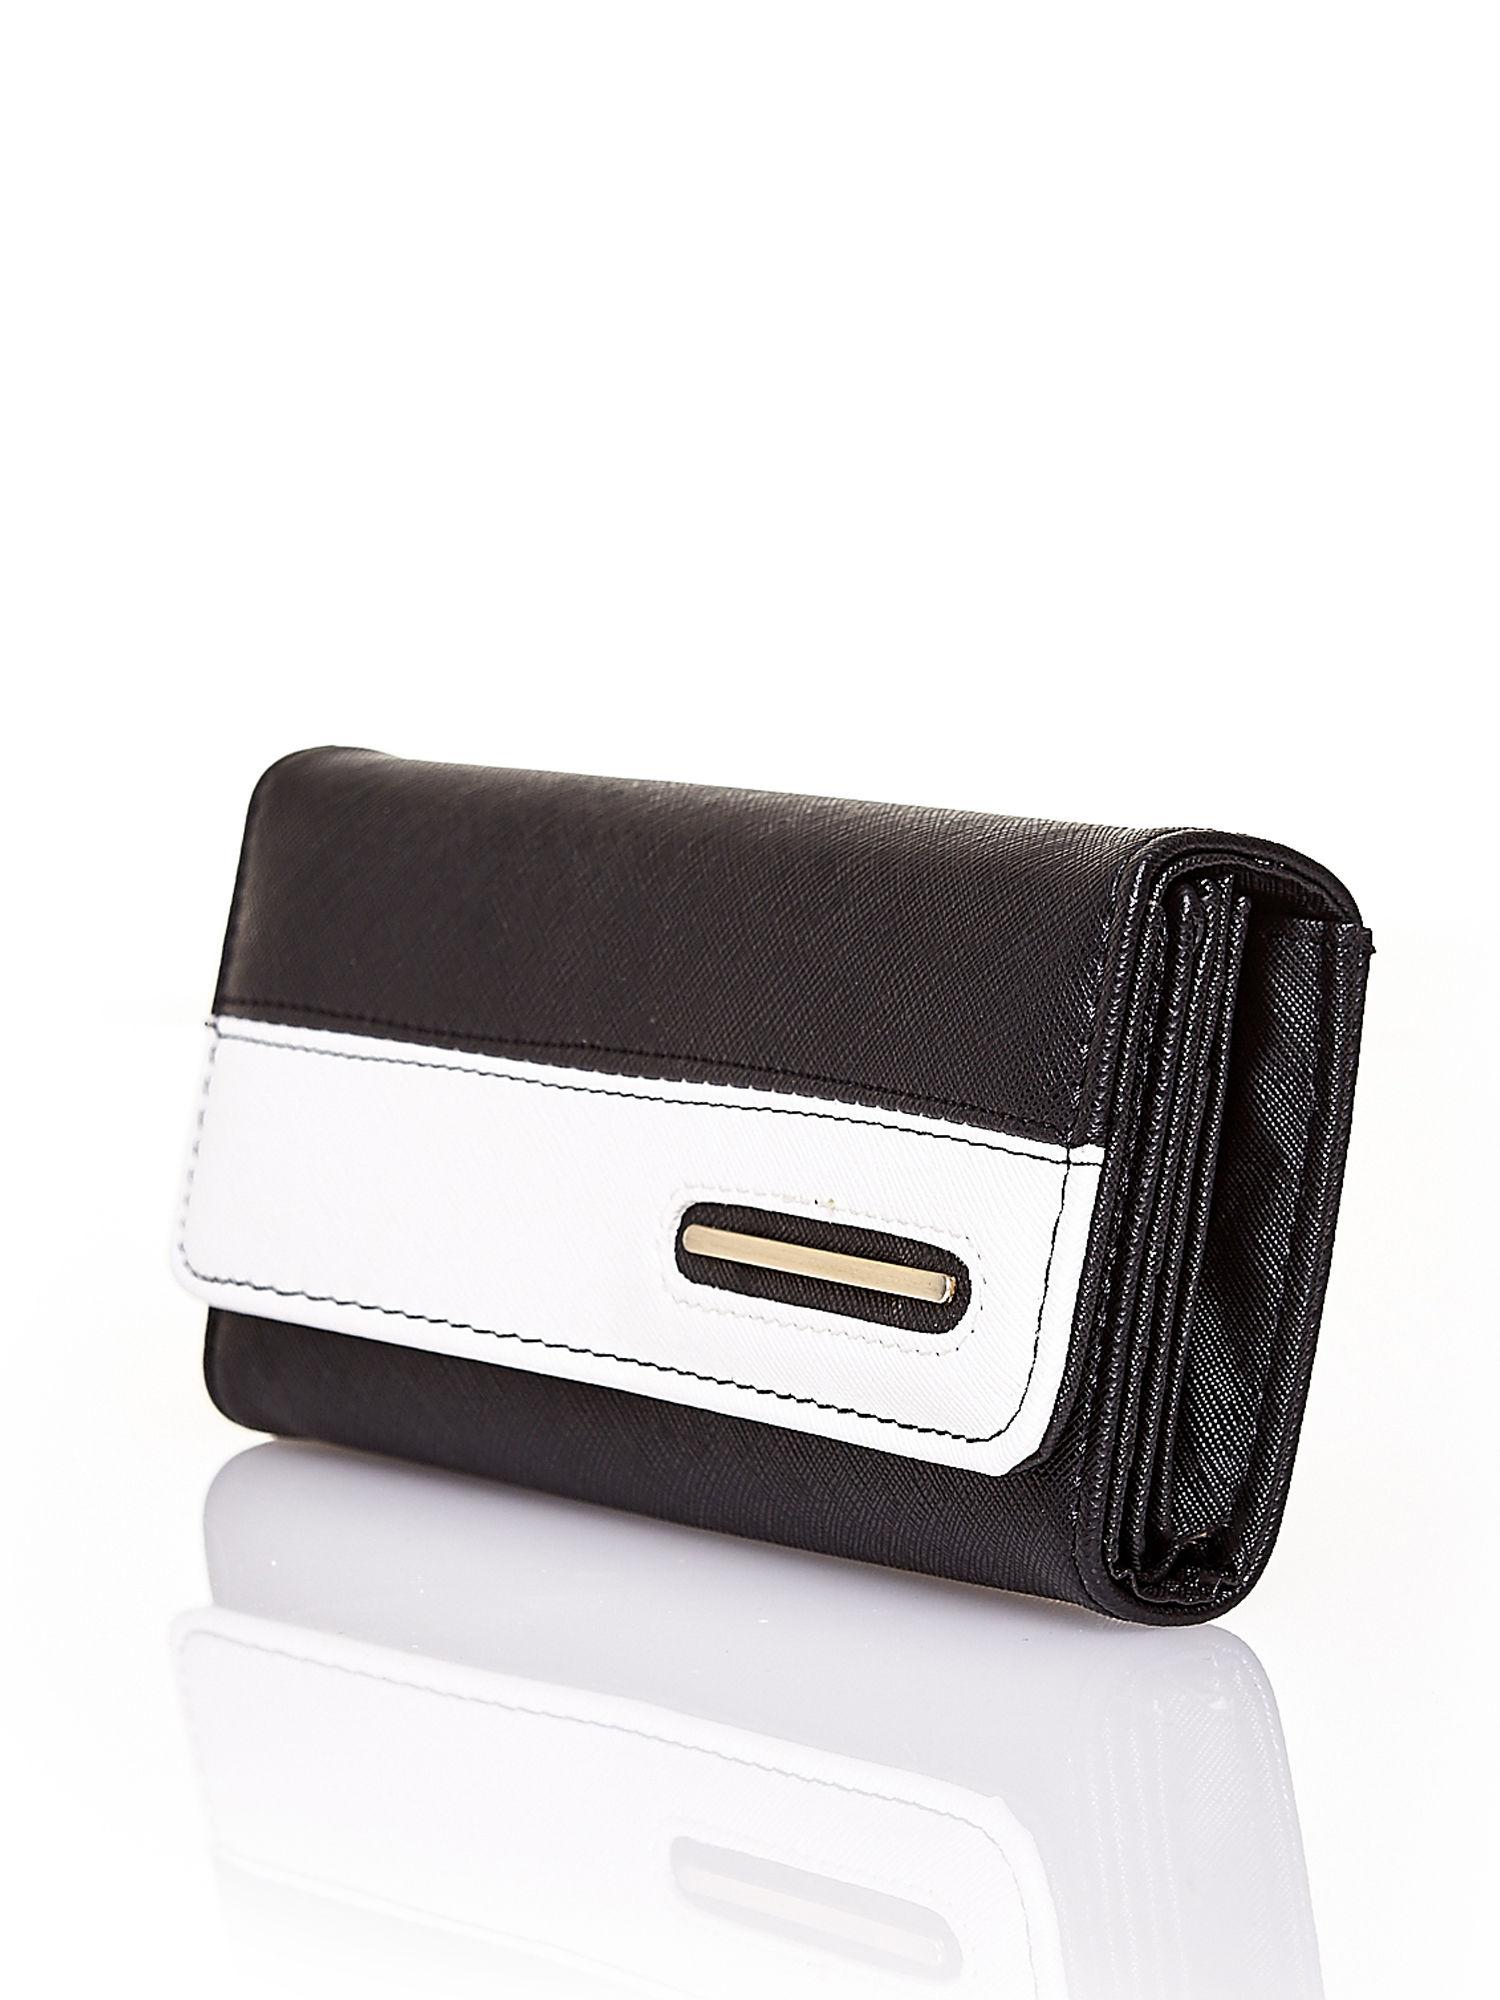 Czarny portfel z białym wykończeniem                                  zdj.                                  3